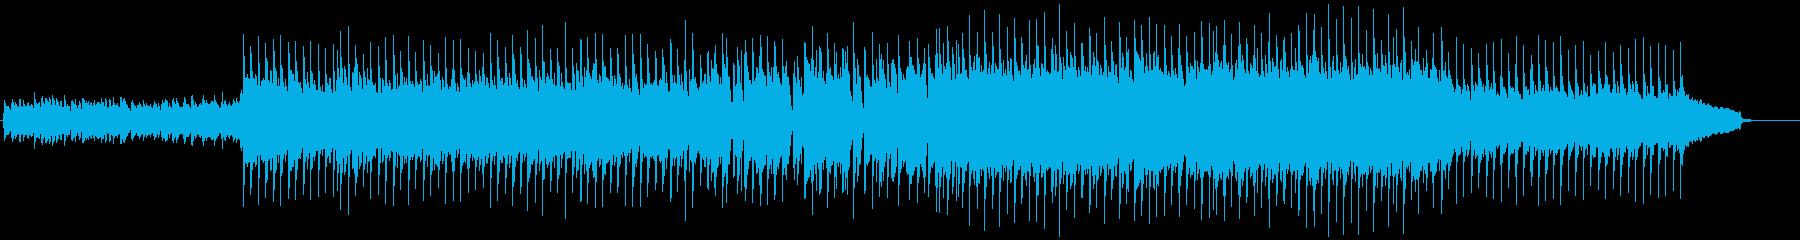 VP系17B、爽やかなロック、ドライブの再生済みの波形